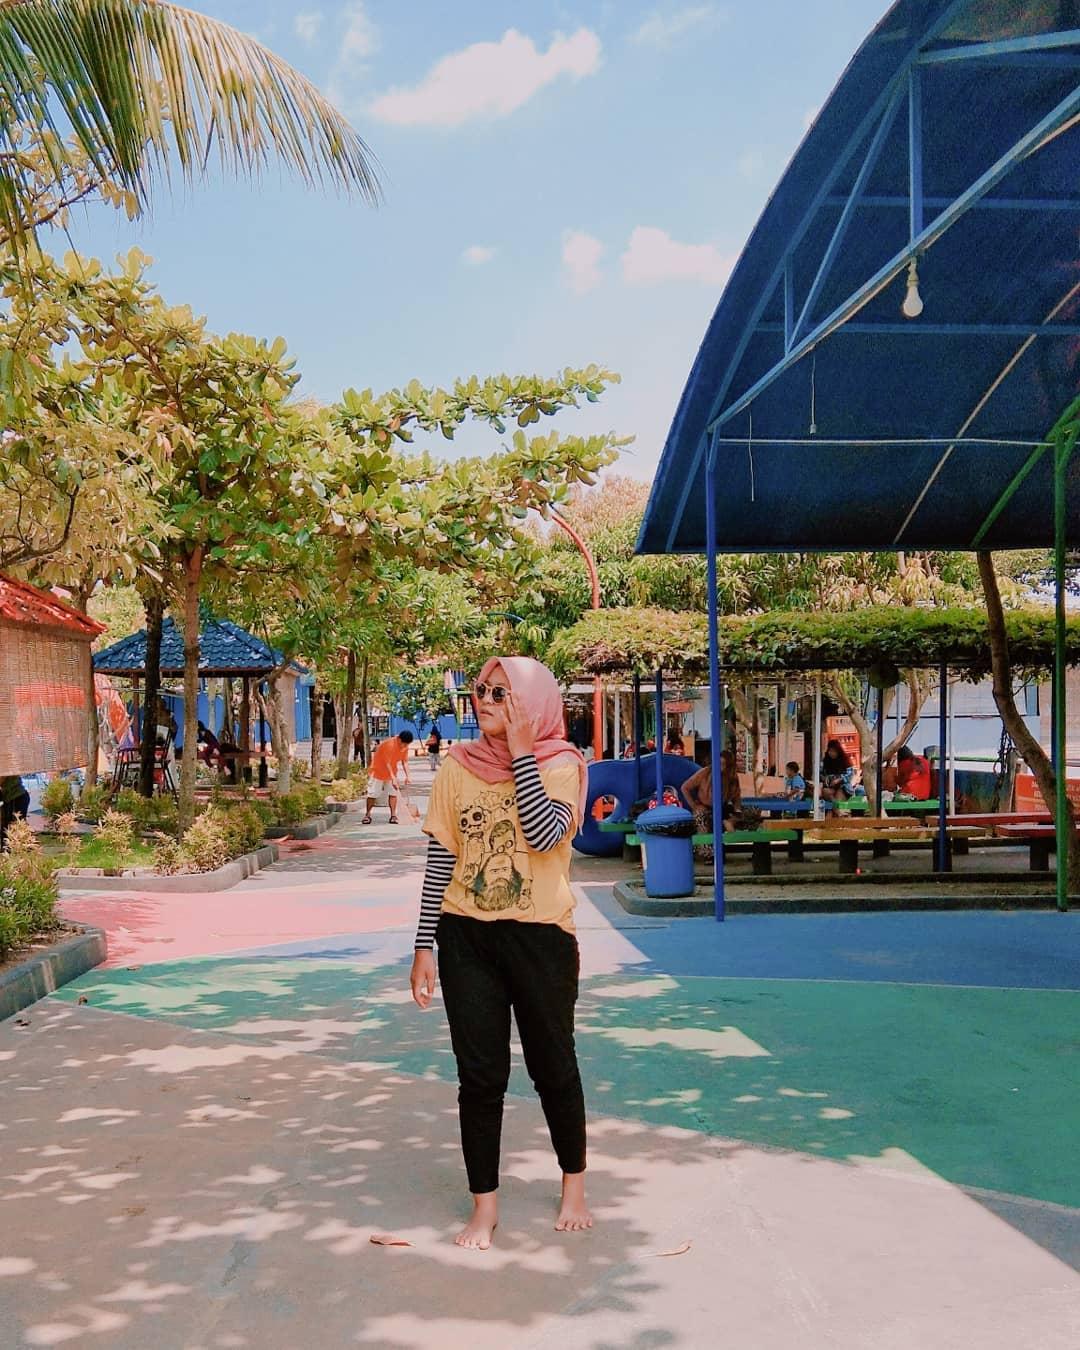 Taman Rekreasi Air Bersama Keluarga Galaxy Waterpark Jogja 1